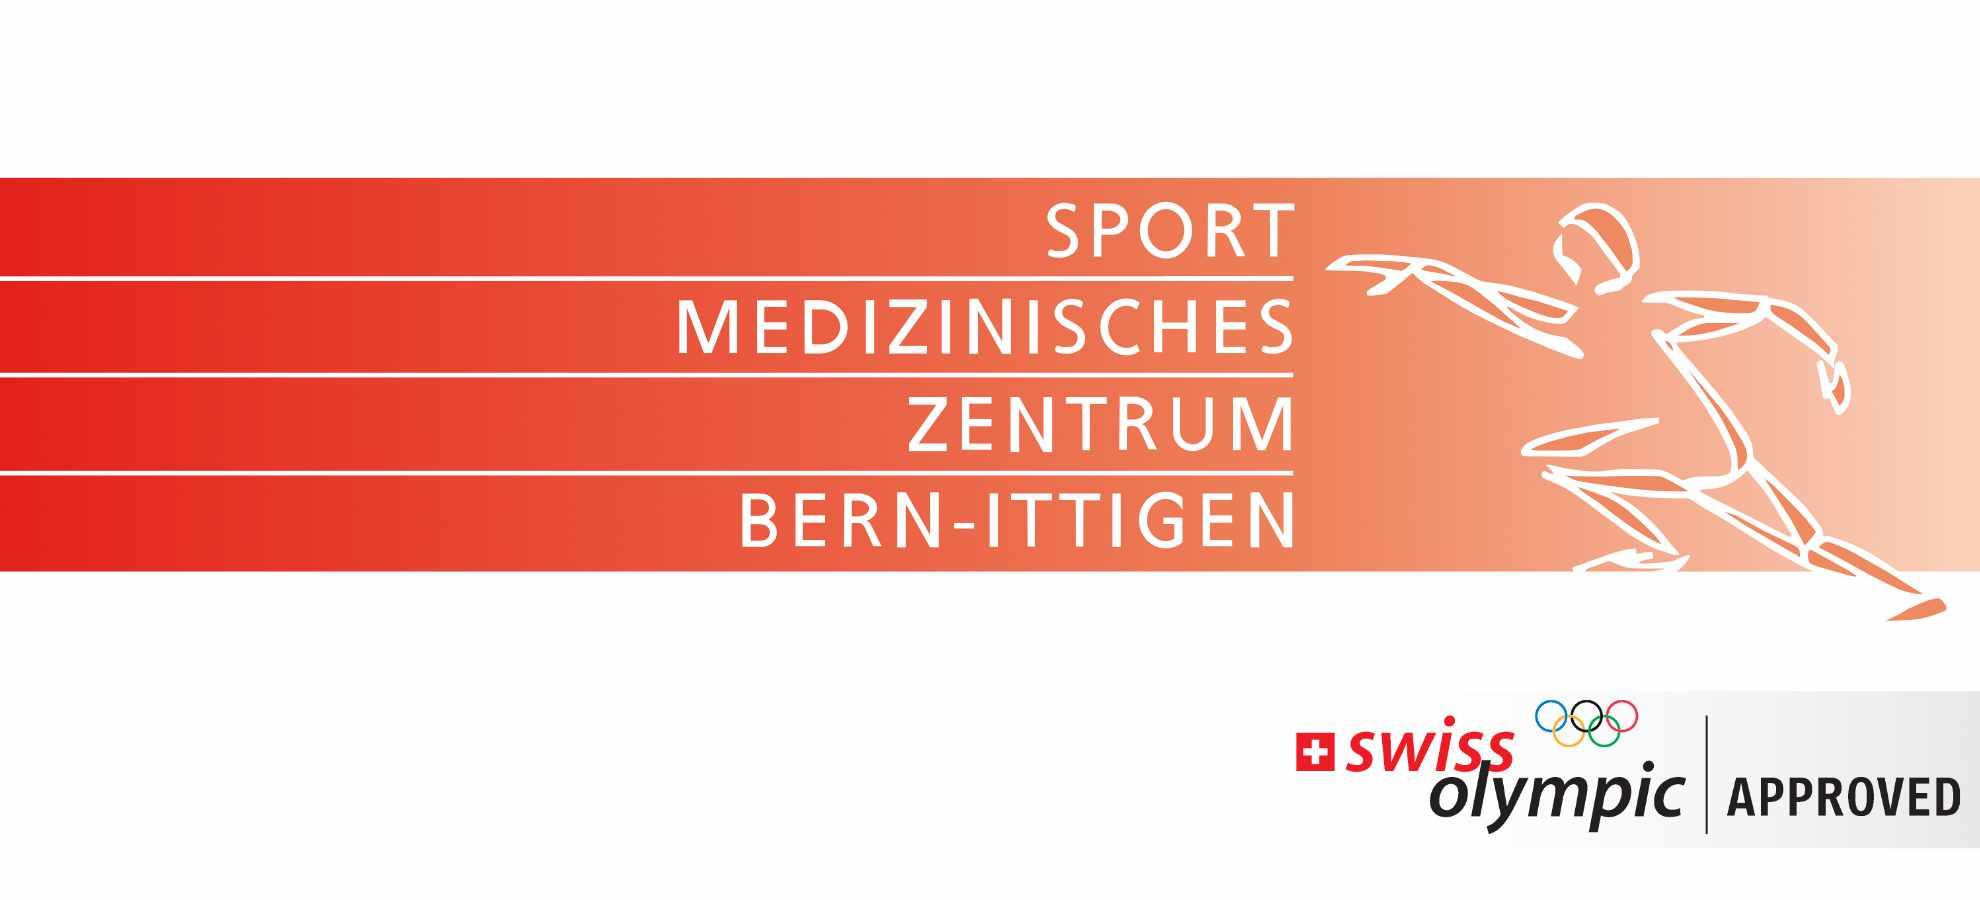 Sportmedizinisches Zentrum Bern Ittigen Haus des Sports Sportmedizin